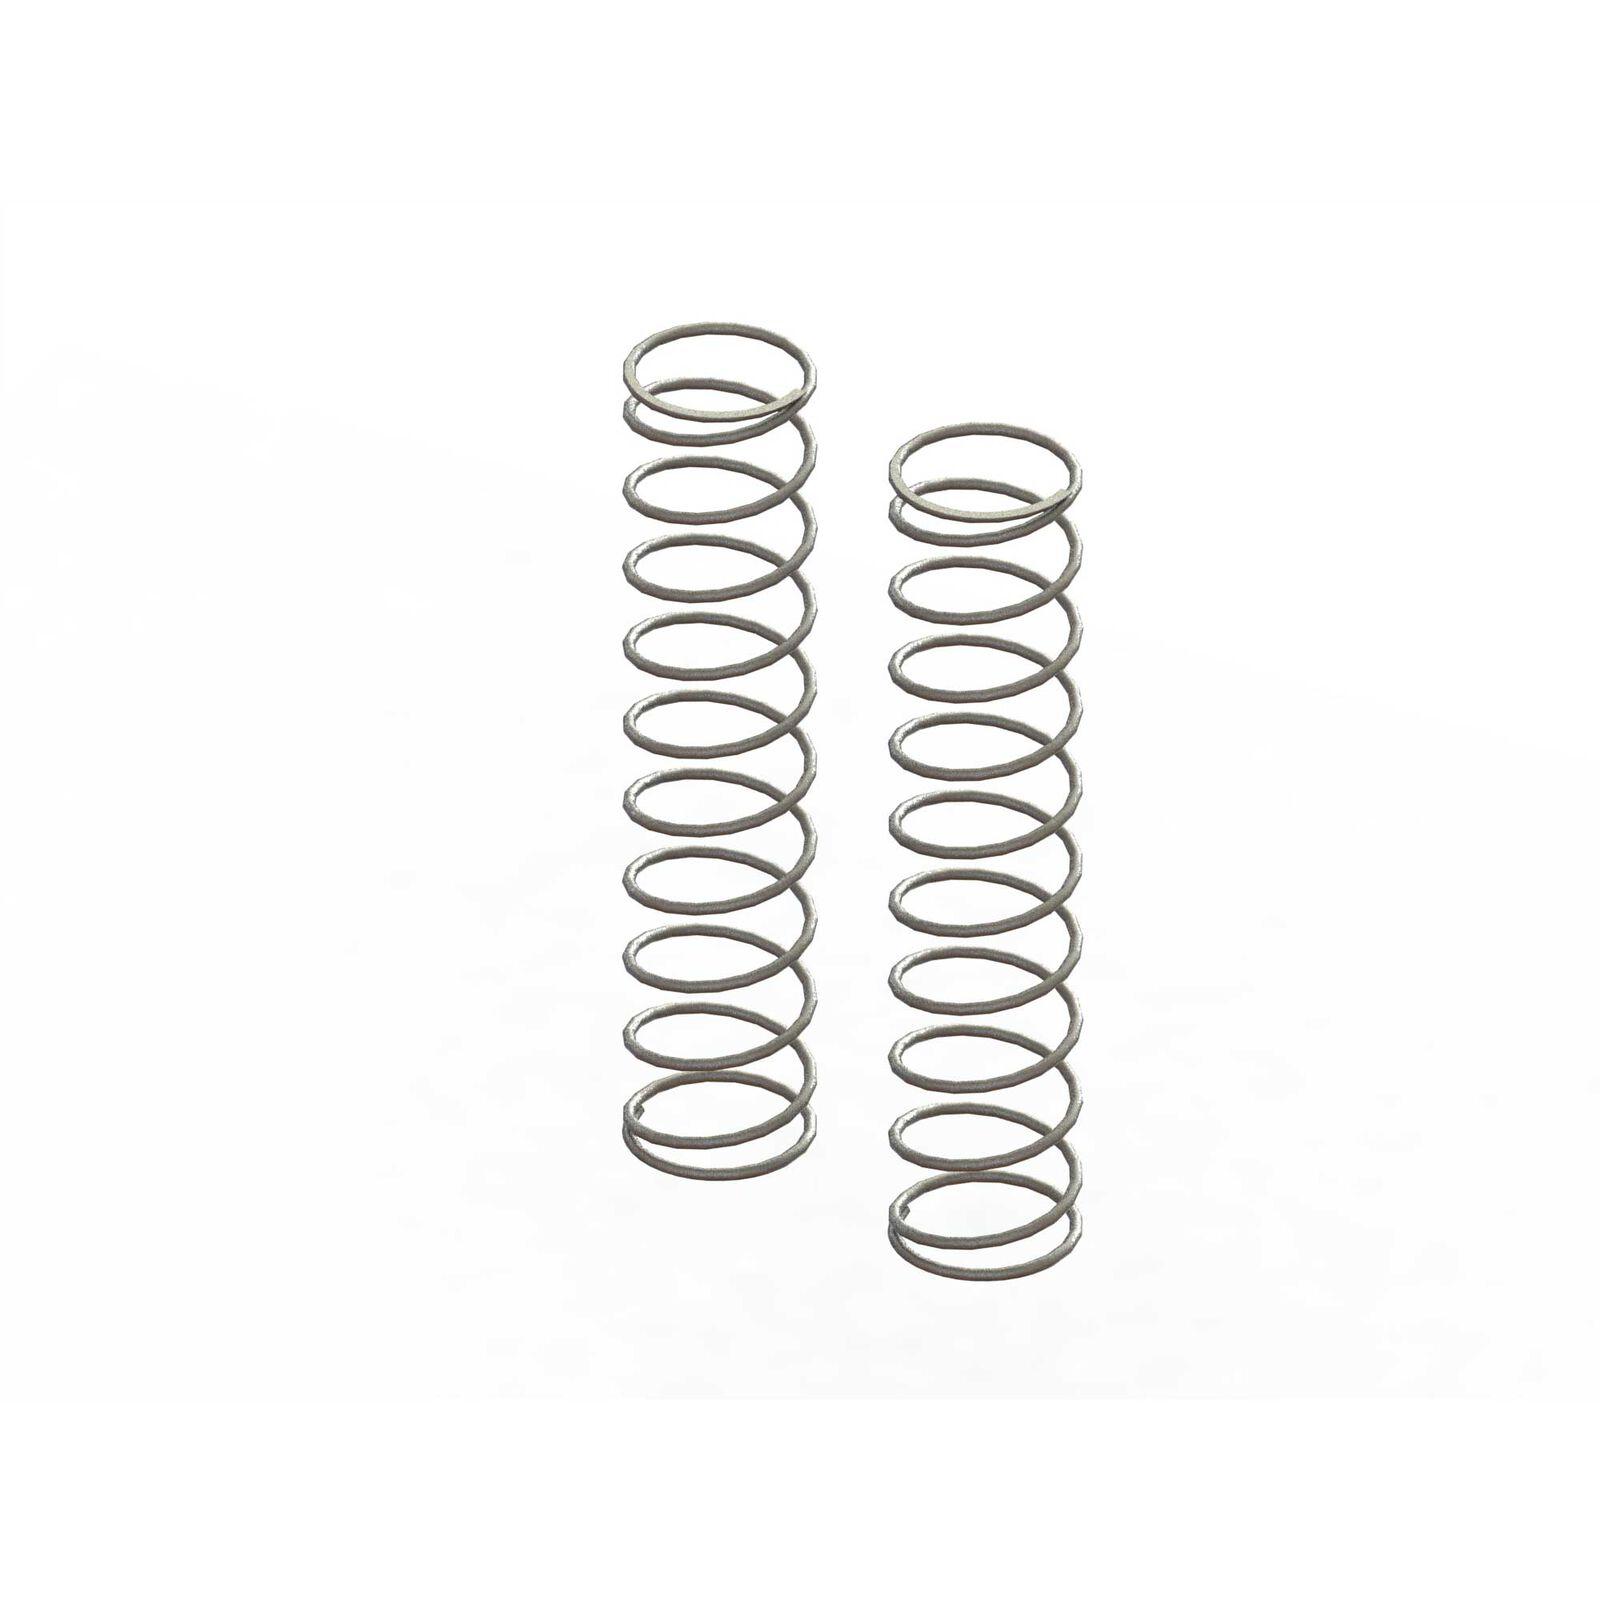 Shock Springs, 110mm 0.6N/sq.m (3.4 f-lb/in) (2)